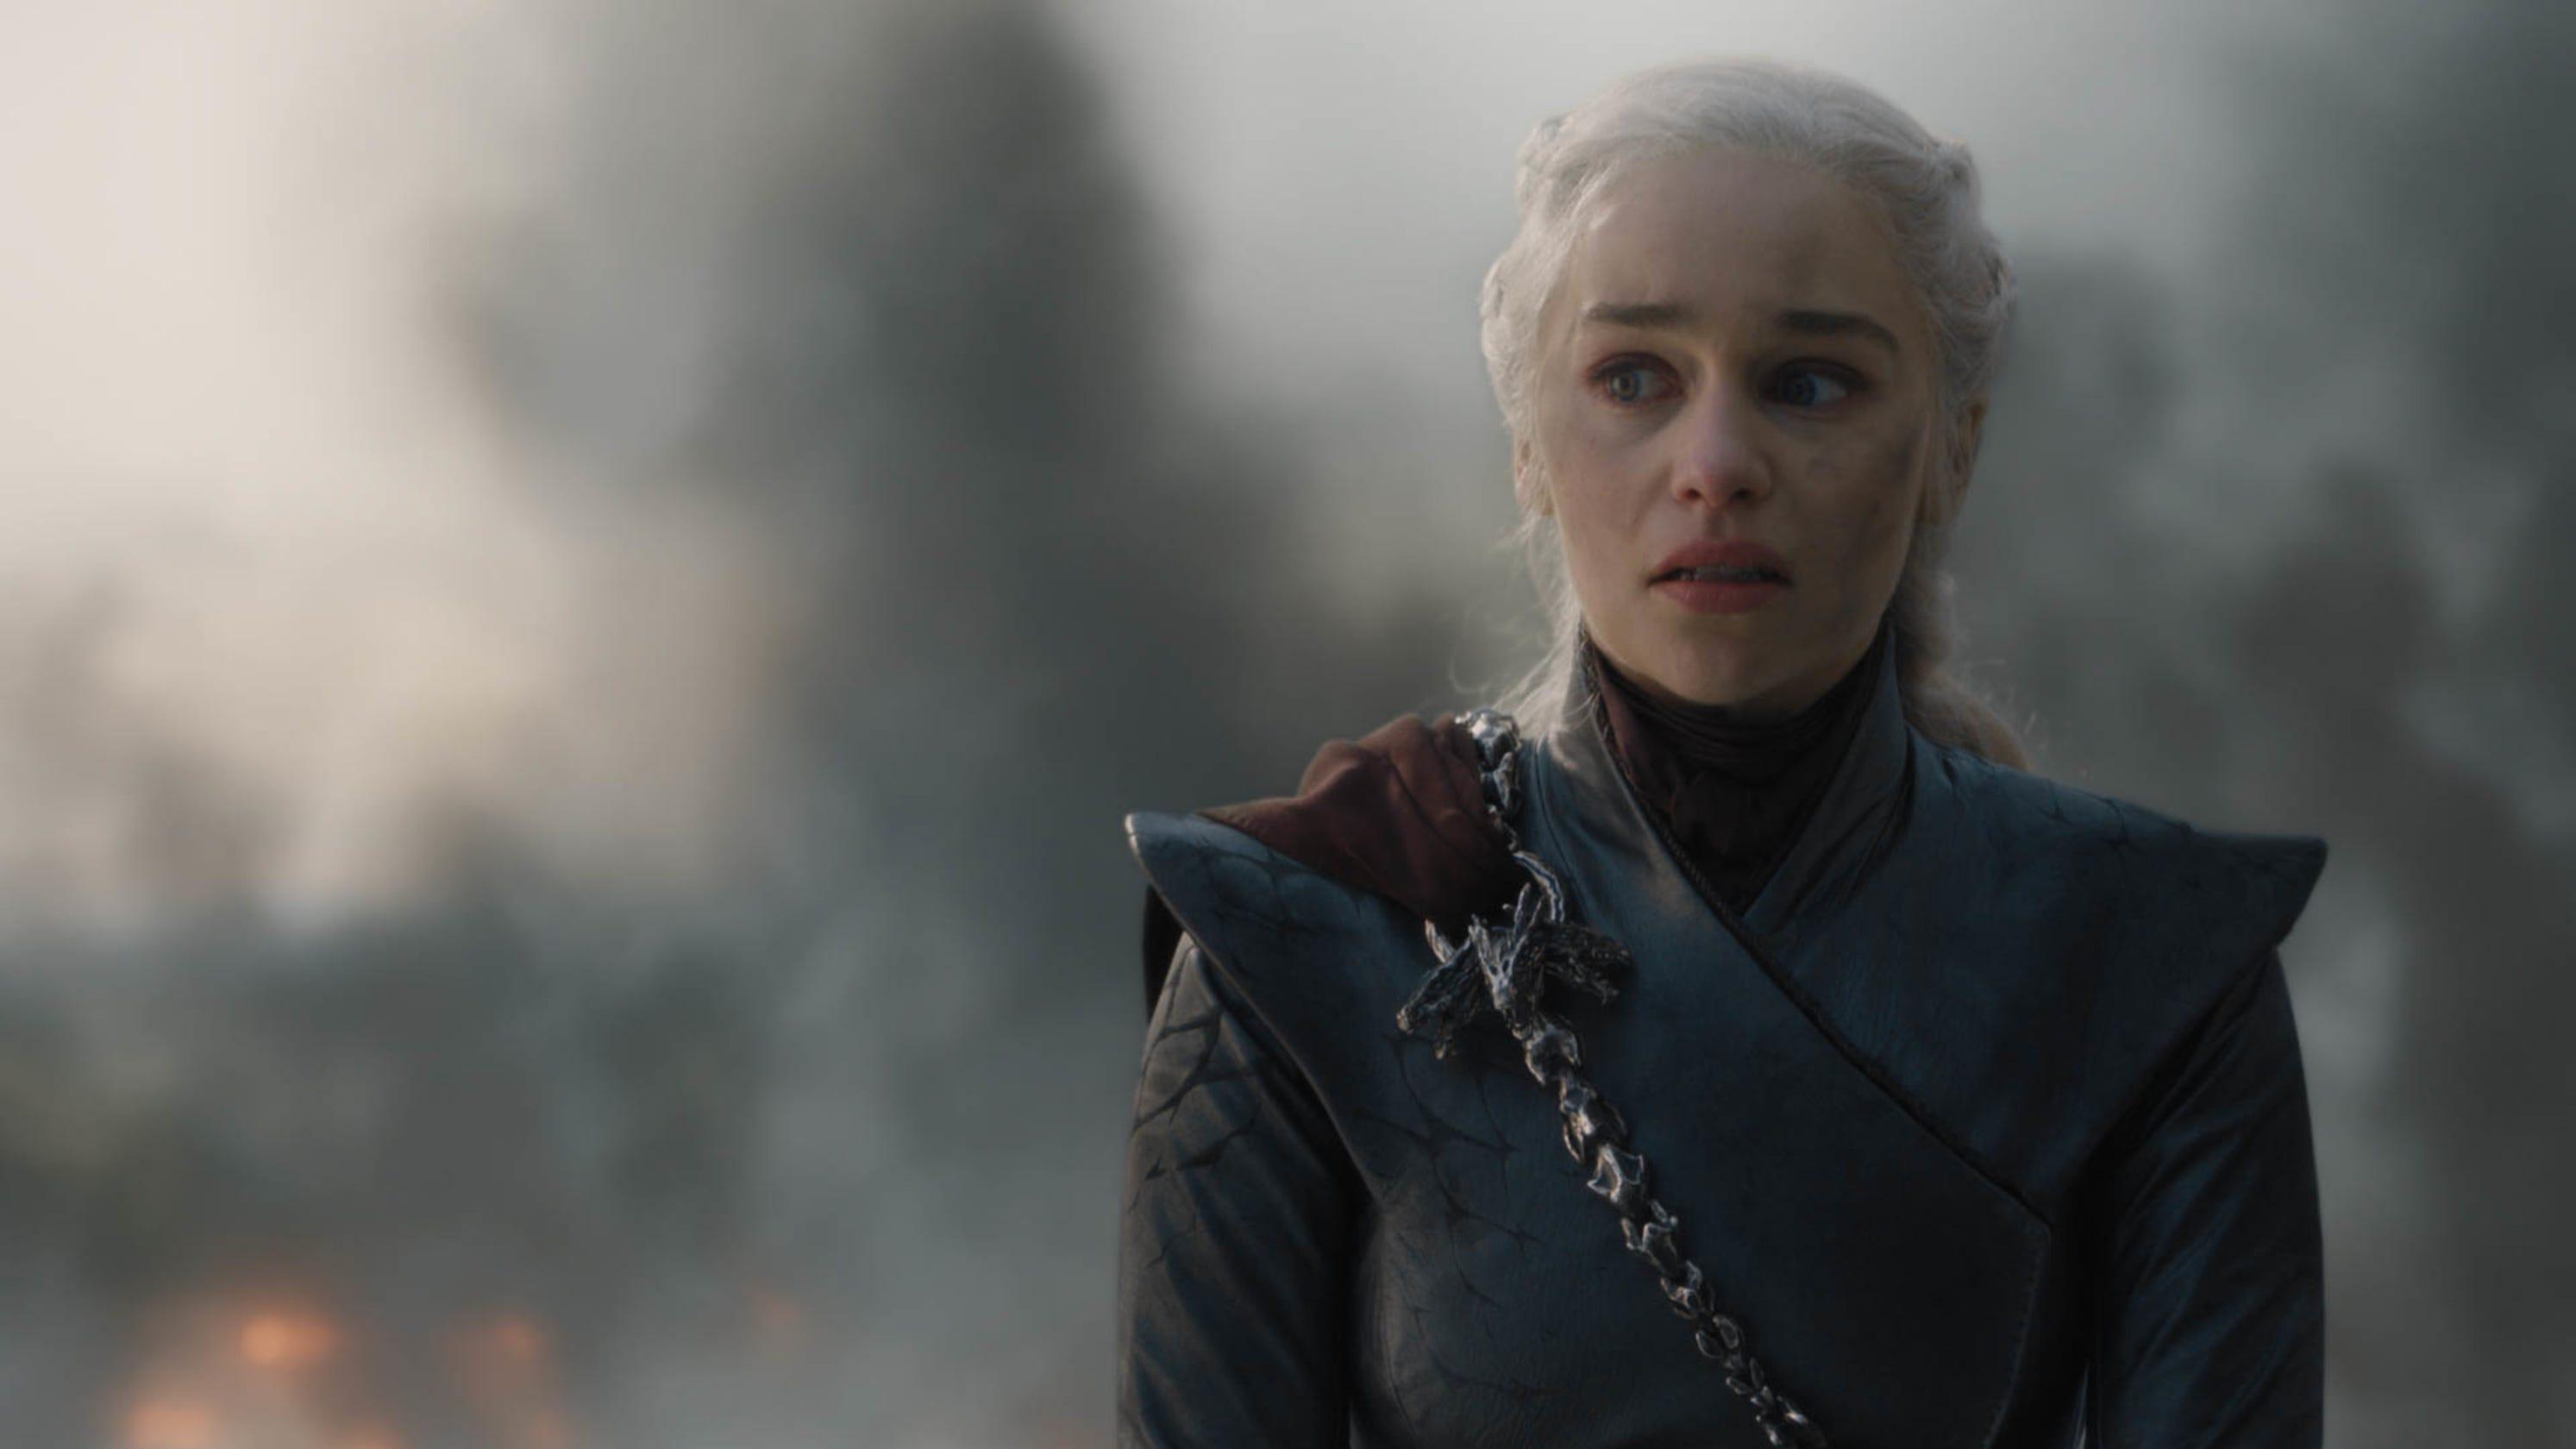 Game of Thrones' recap: Season 8, Episode 5, 'The Bells'